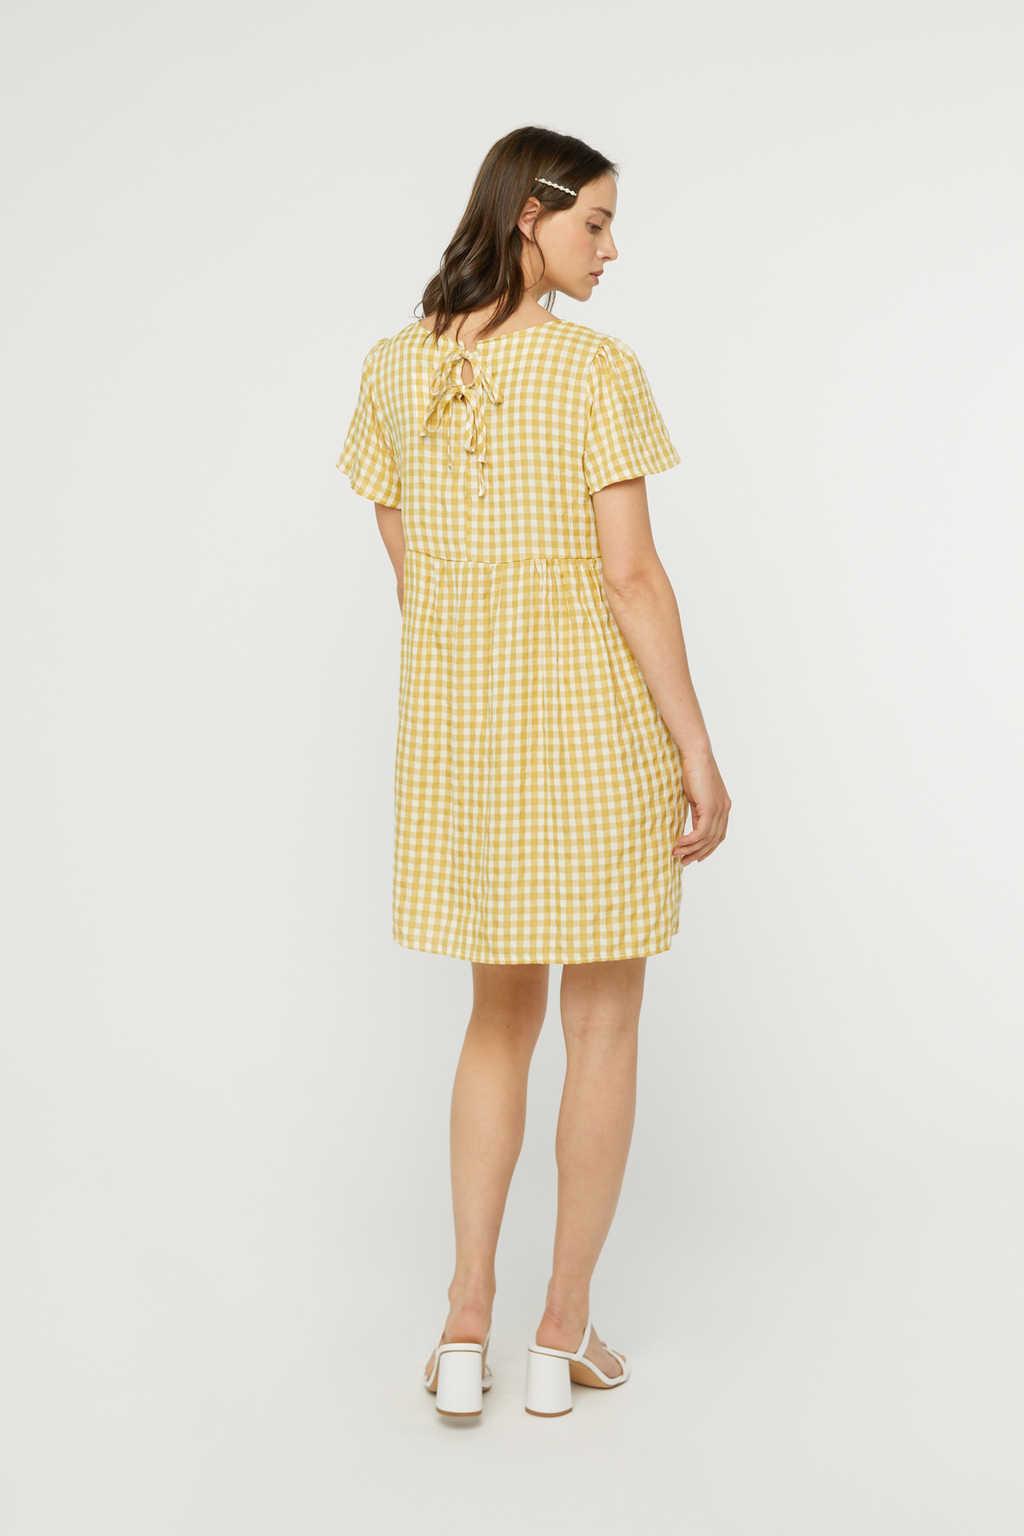 Dress K009 Mustard 1